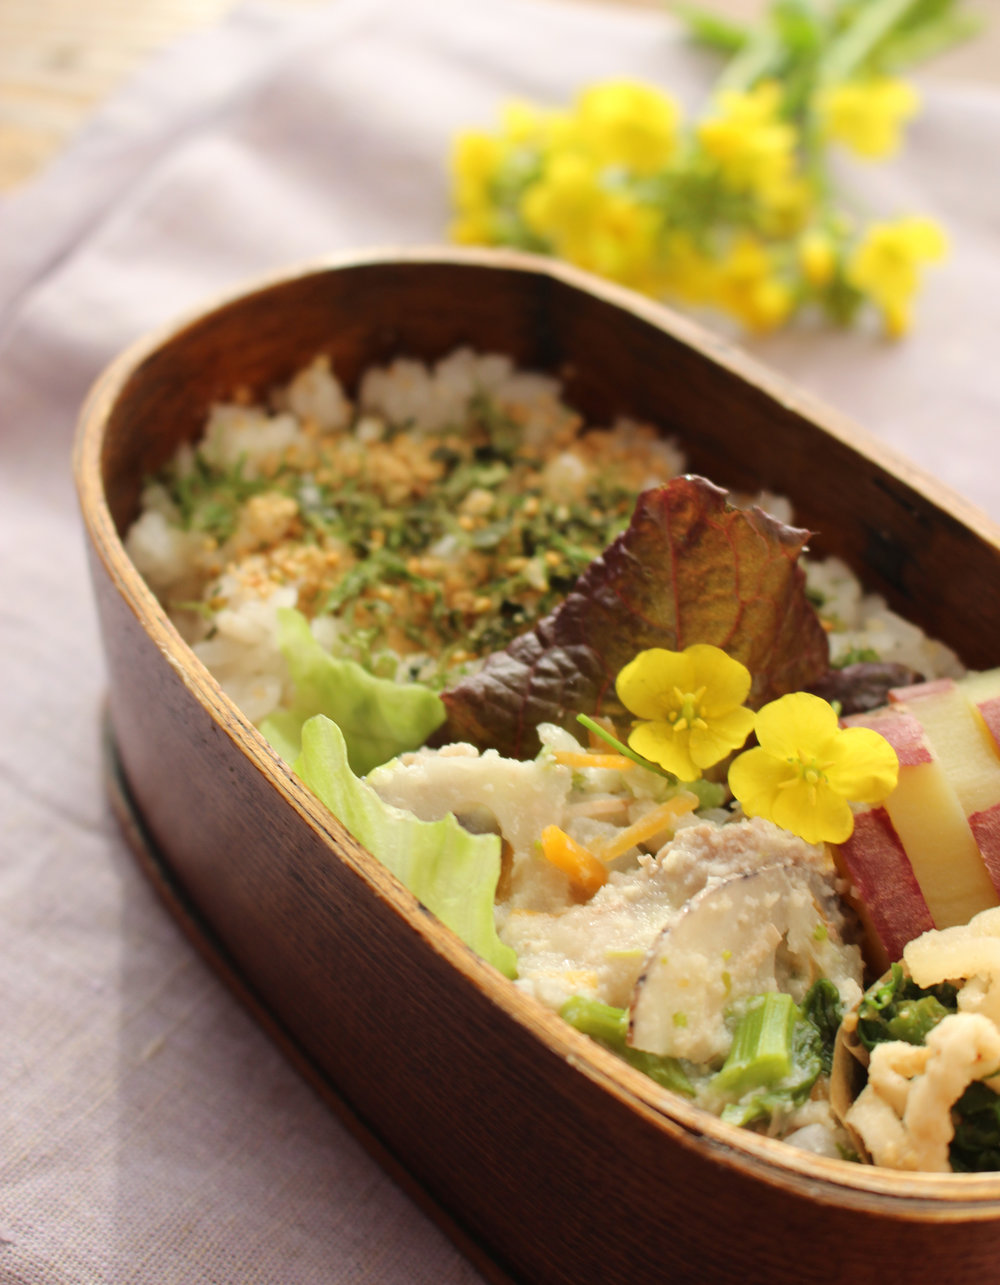 春野菜と豚肉のの豆乳おからクリーム煮.JPG